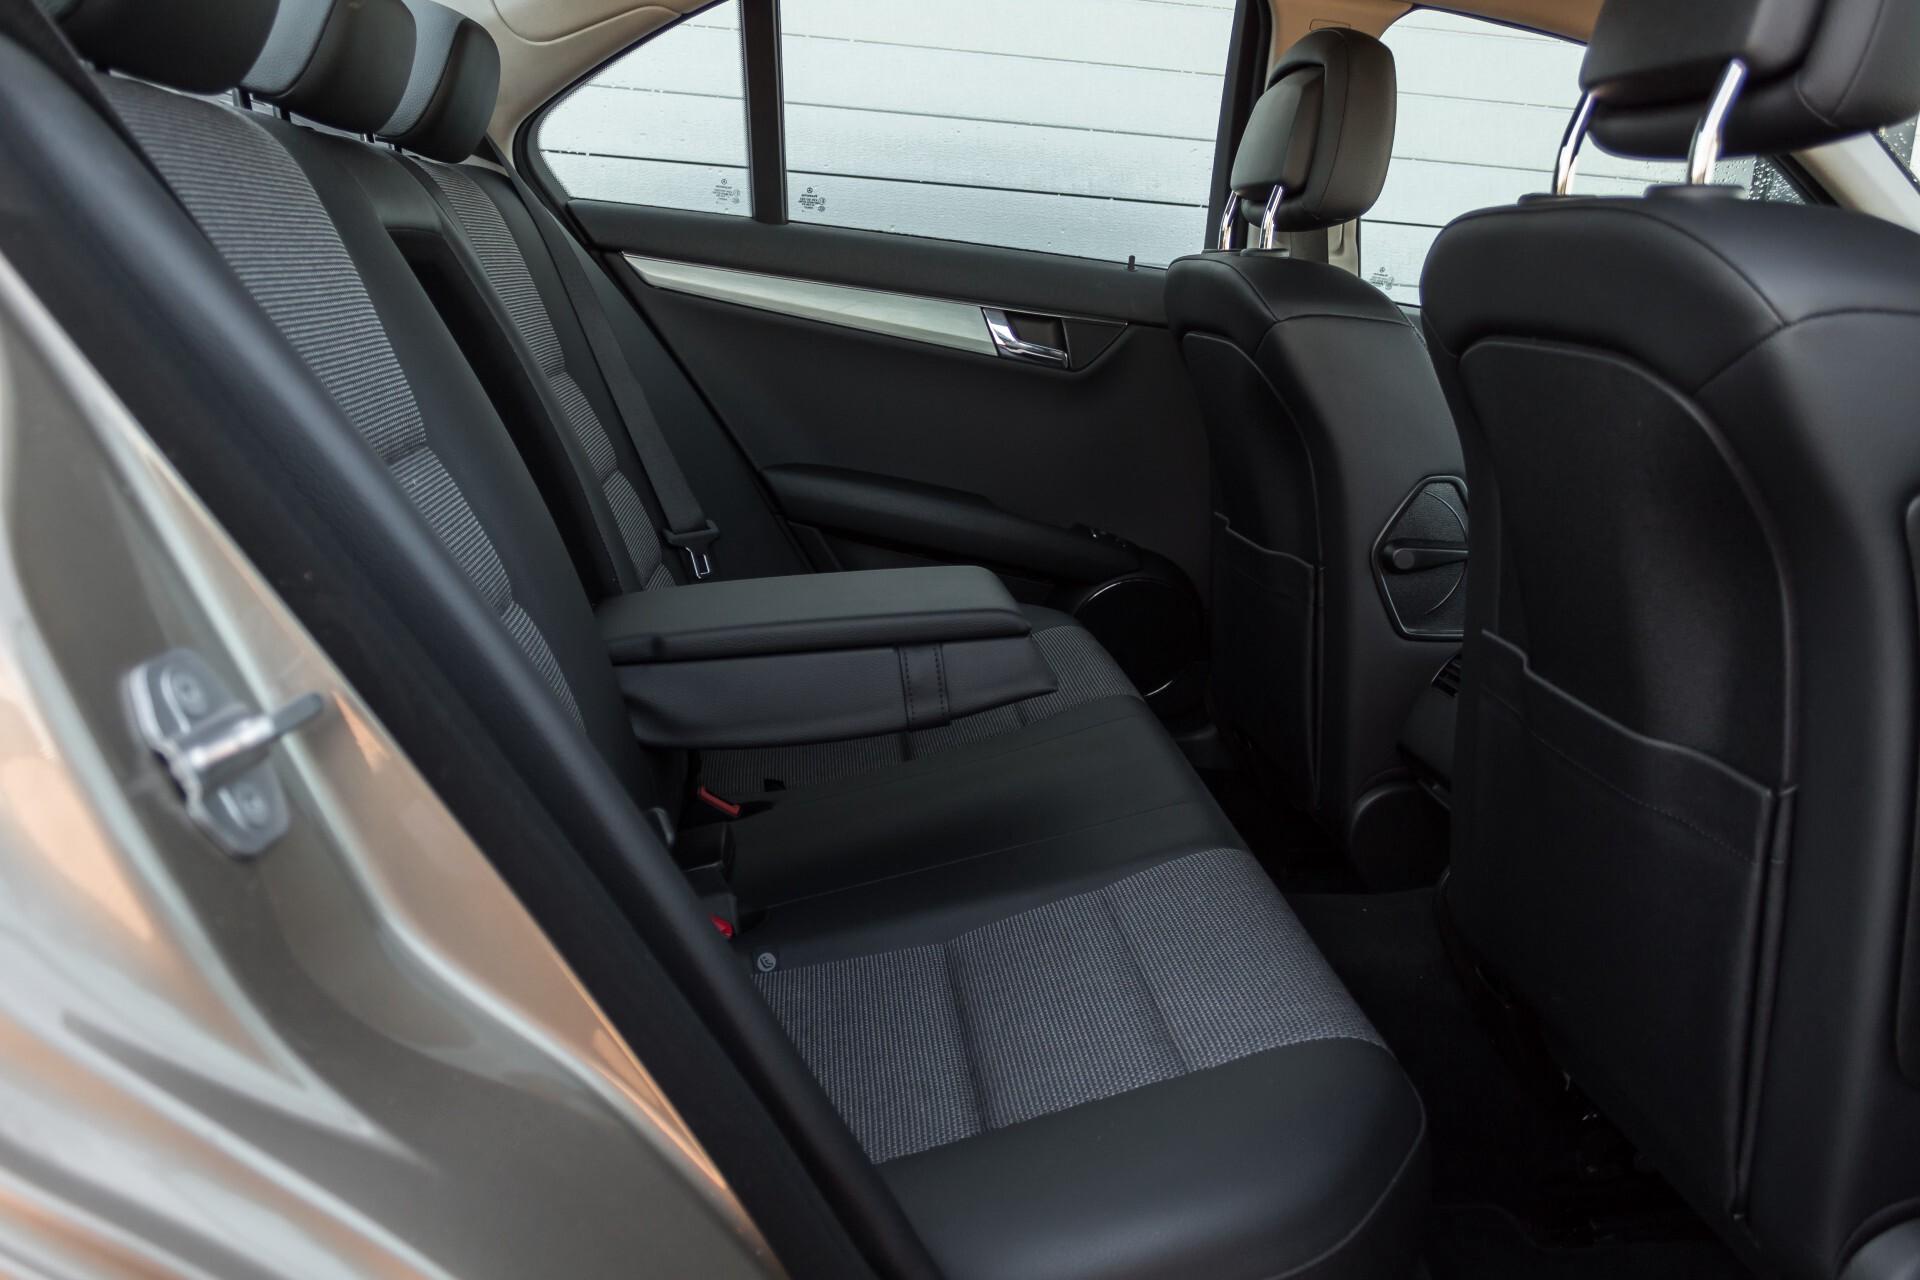 Mercedes-Benz C-Klasse 180 K Avantgarde 1ste eigenaar/NL geleverd/Dealer onderhouden/Volledig gedocumenteerd Foto 5